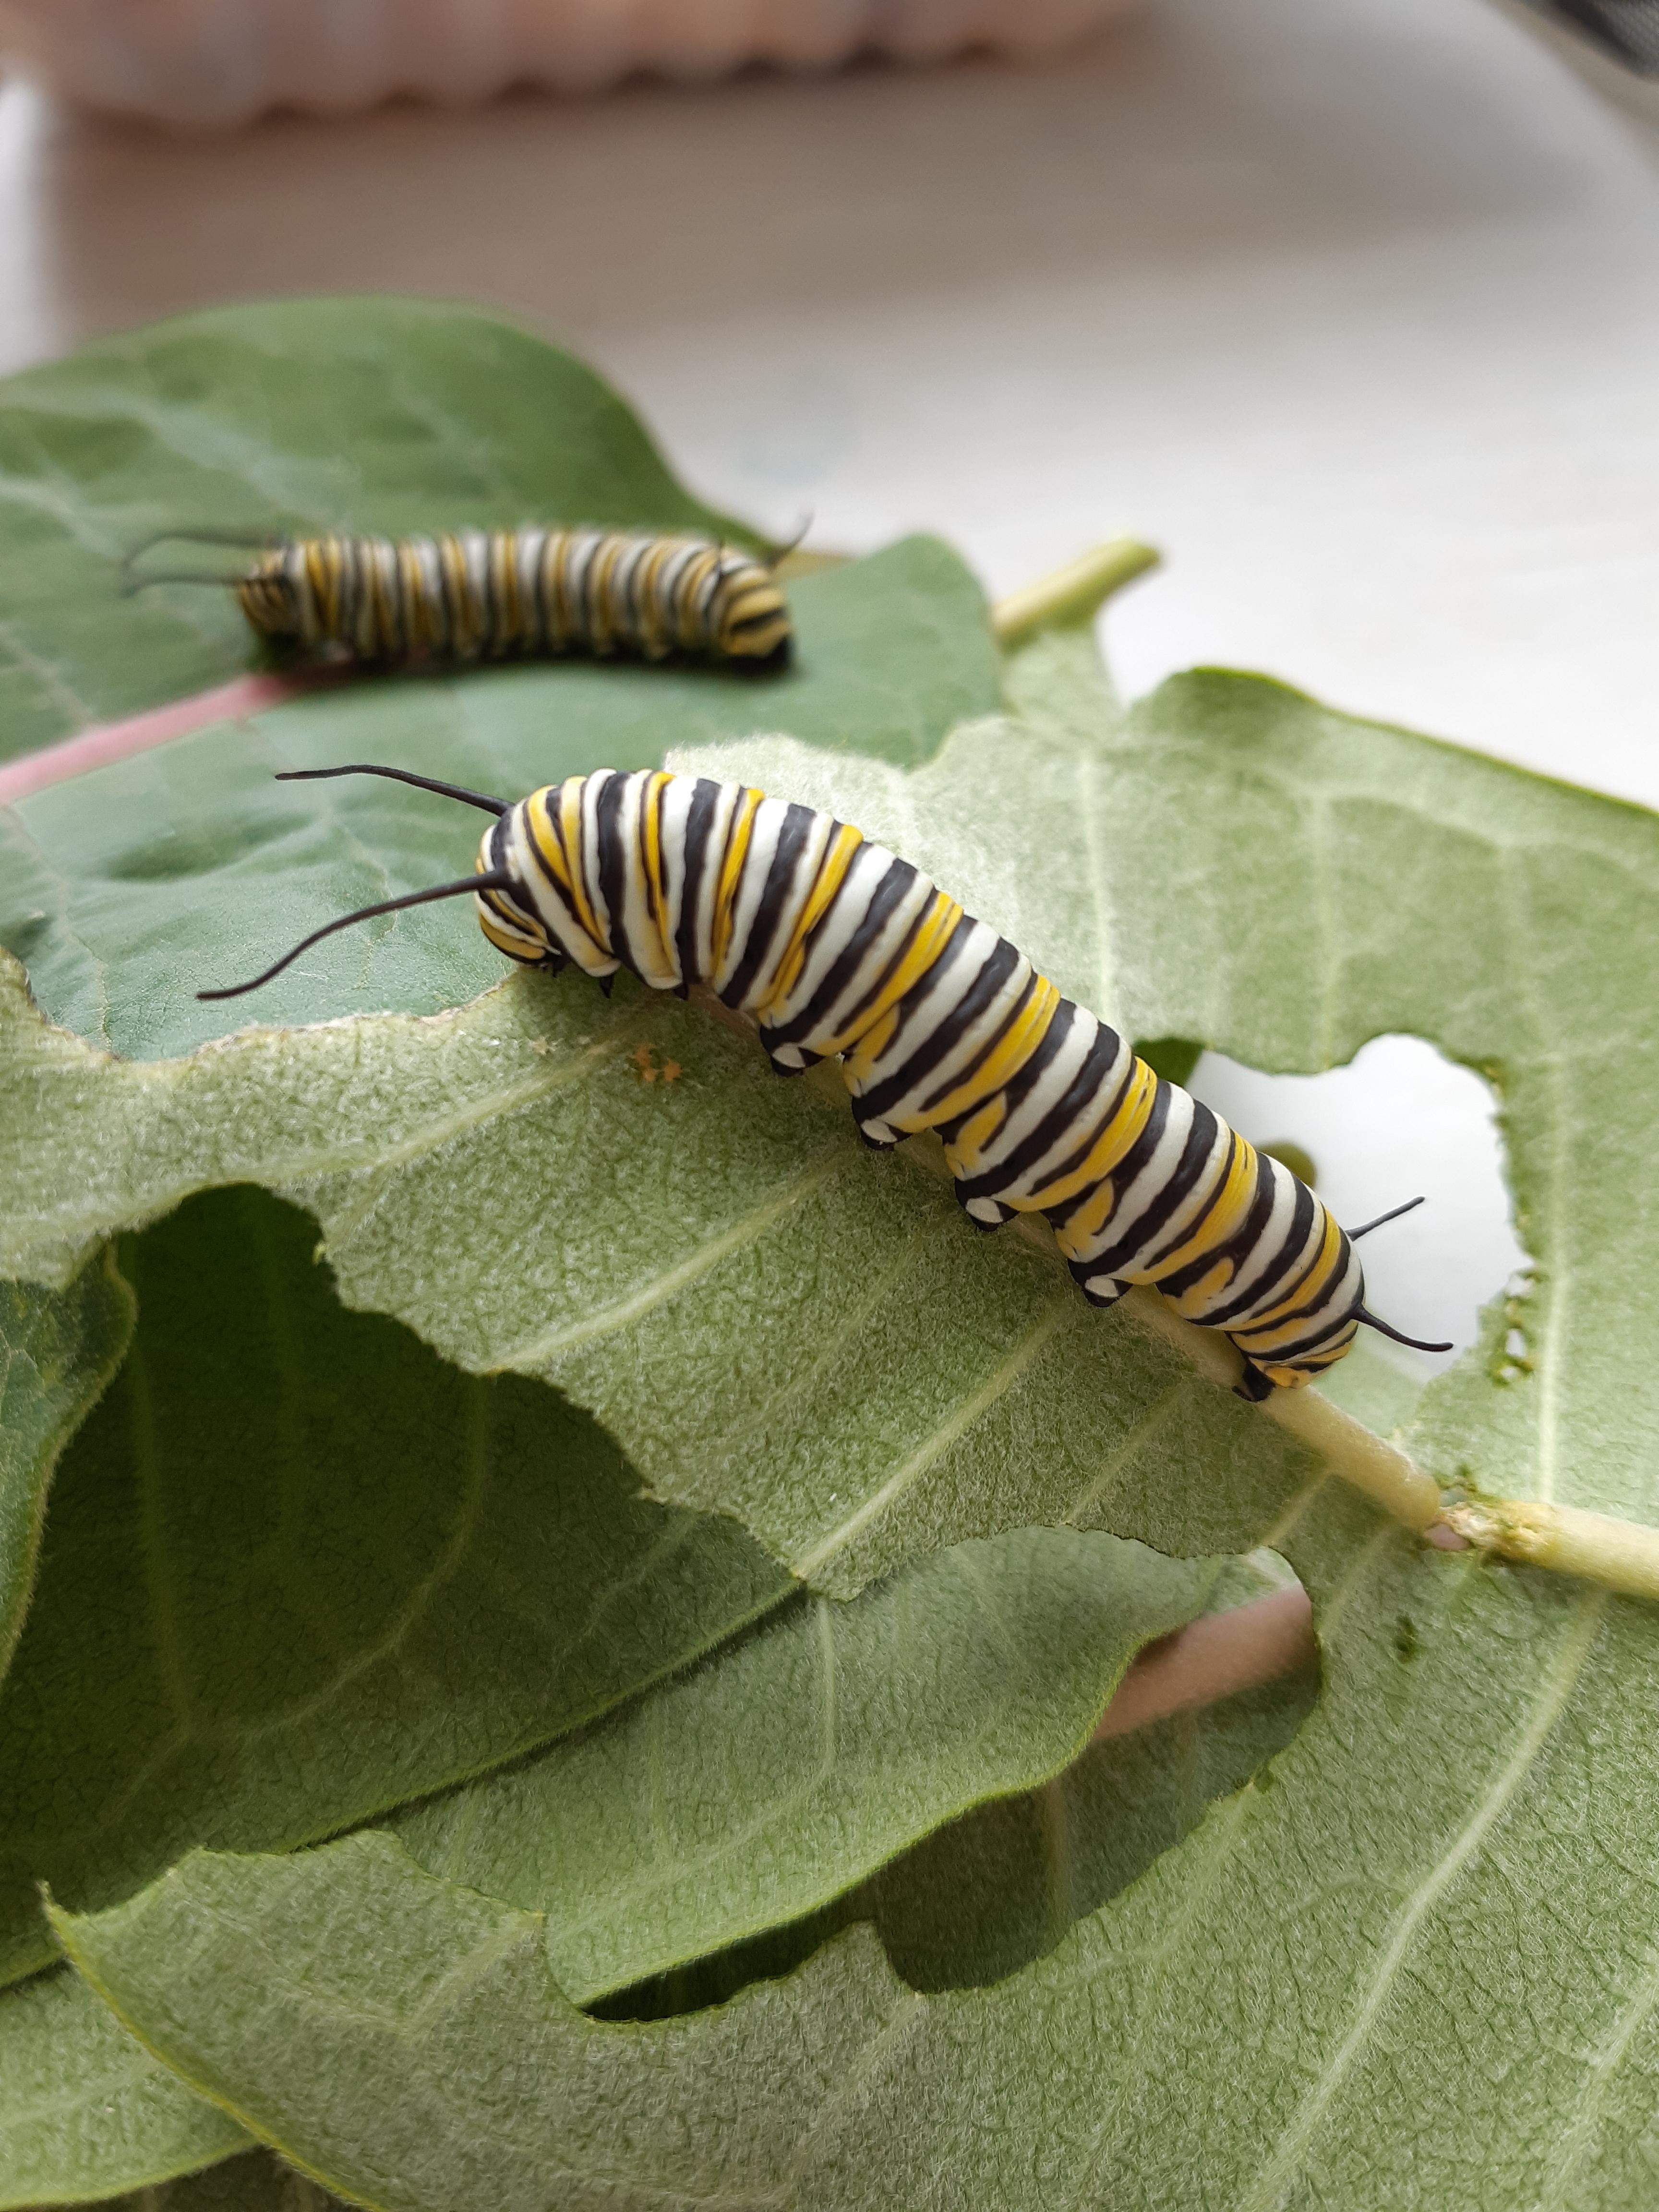 5th instar